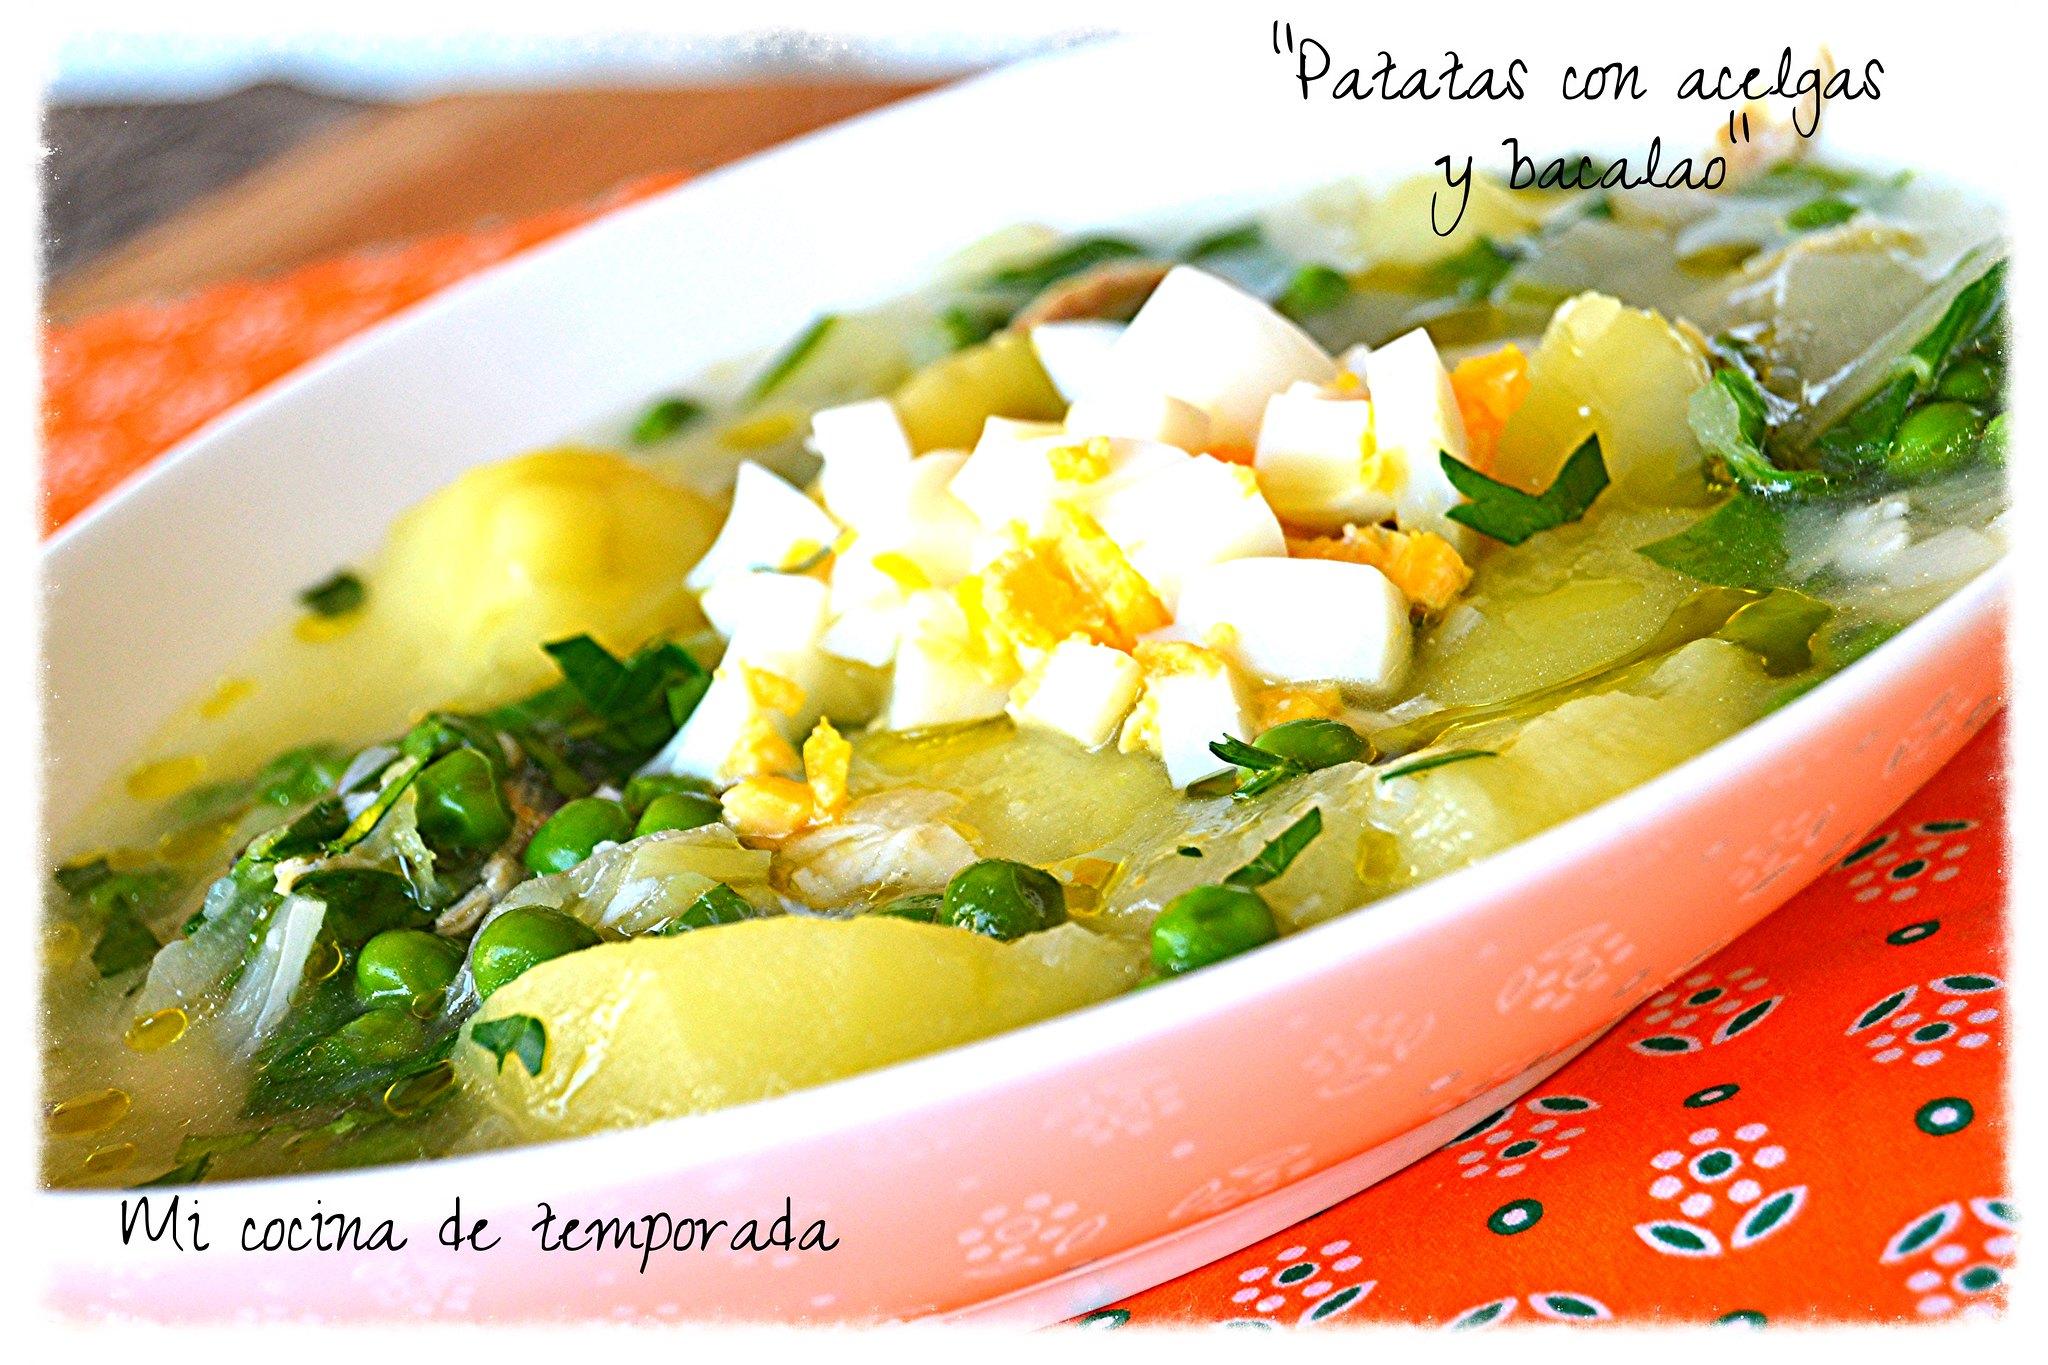 Patatas con acelgas 016